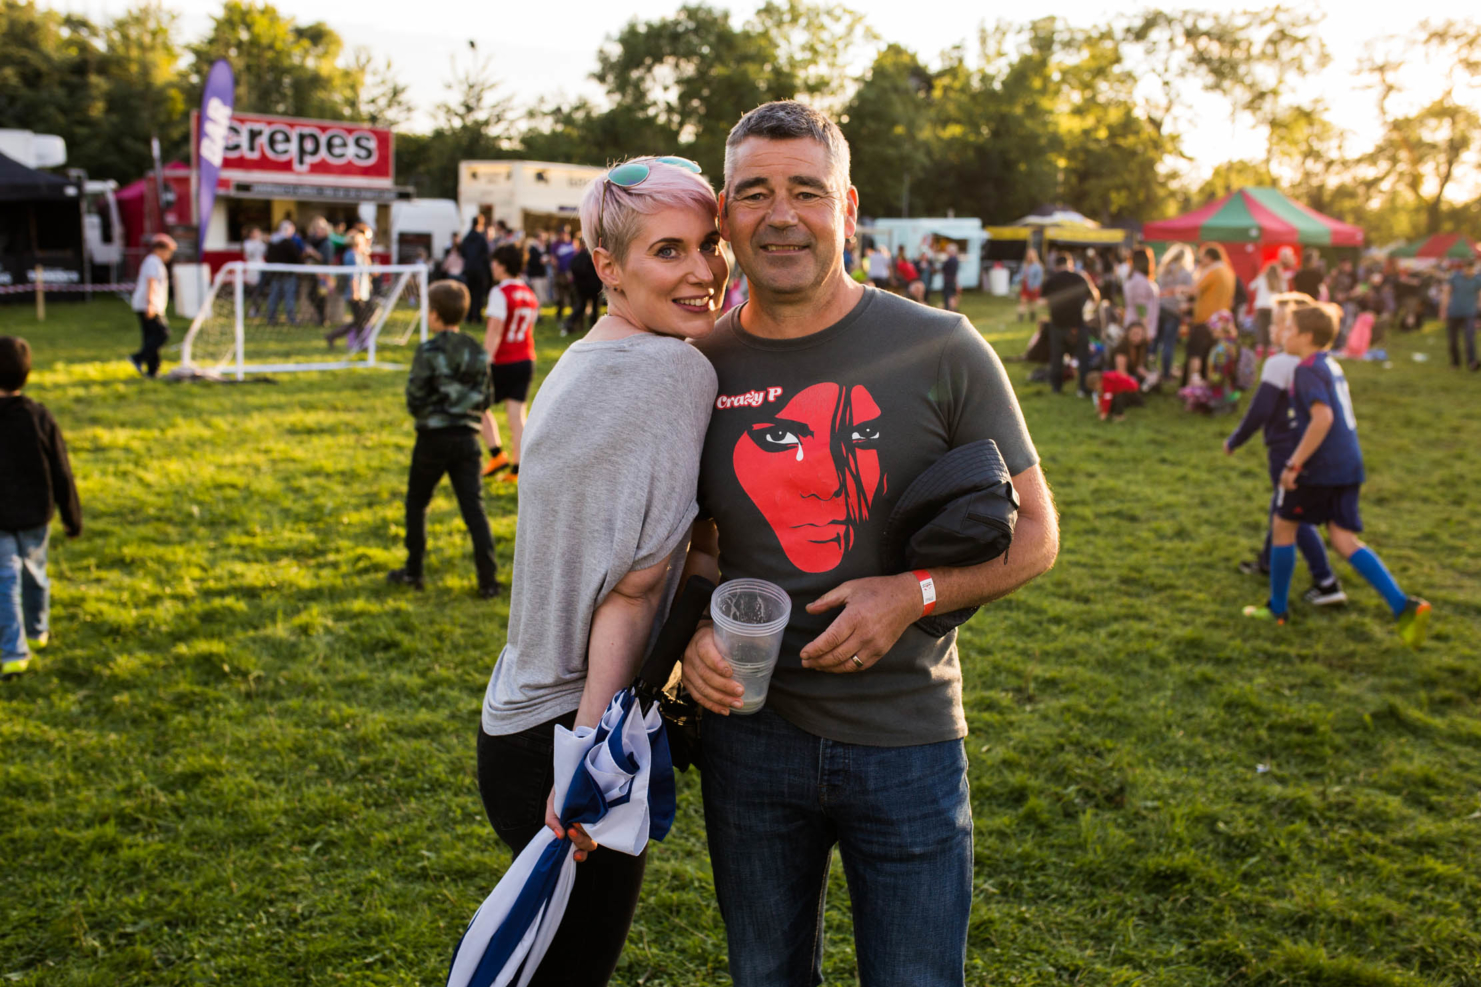 Sunflowerfest 2017 - Tubby's Farm, Hillsborough